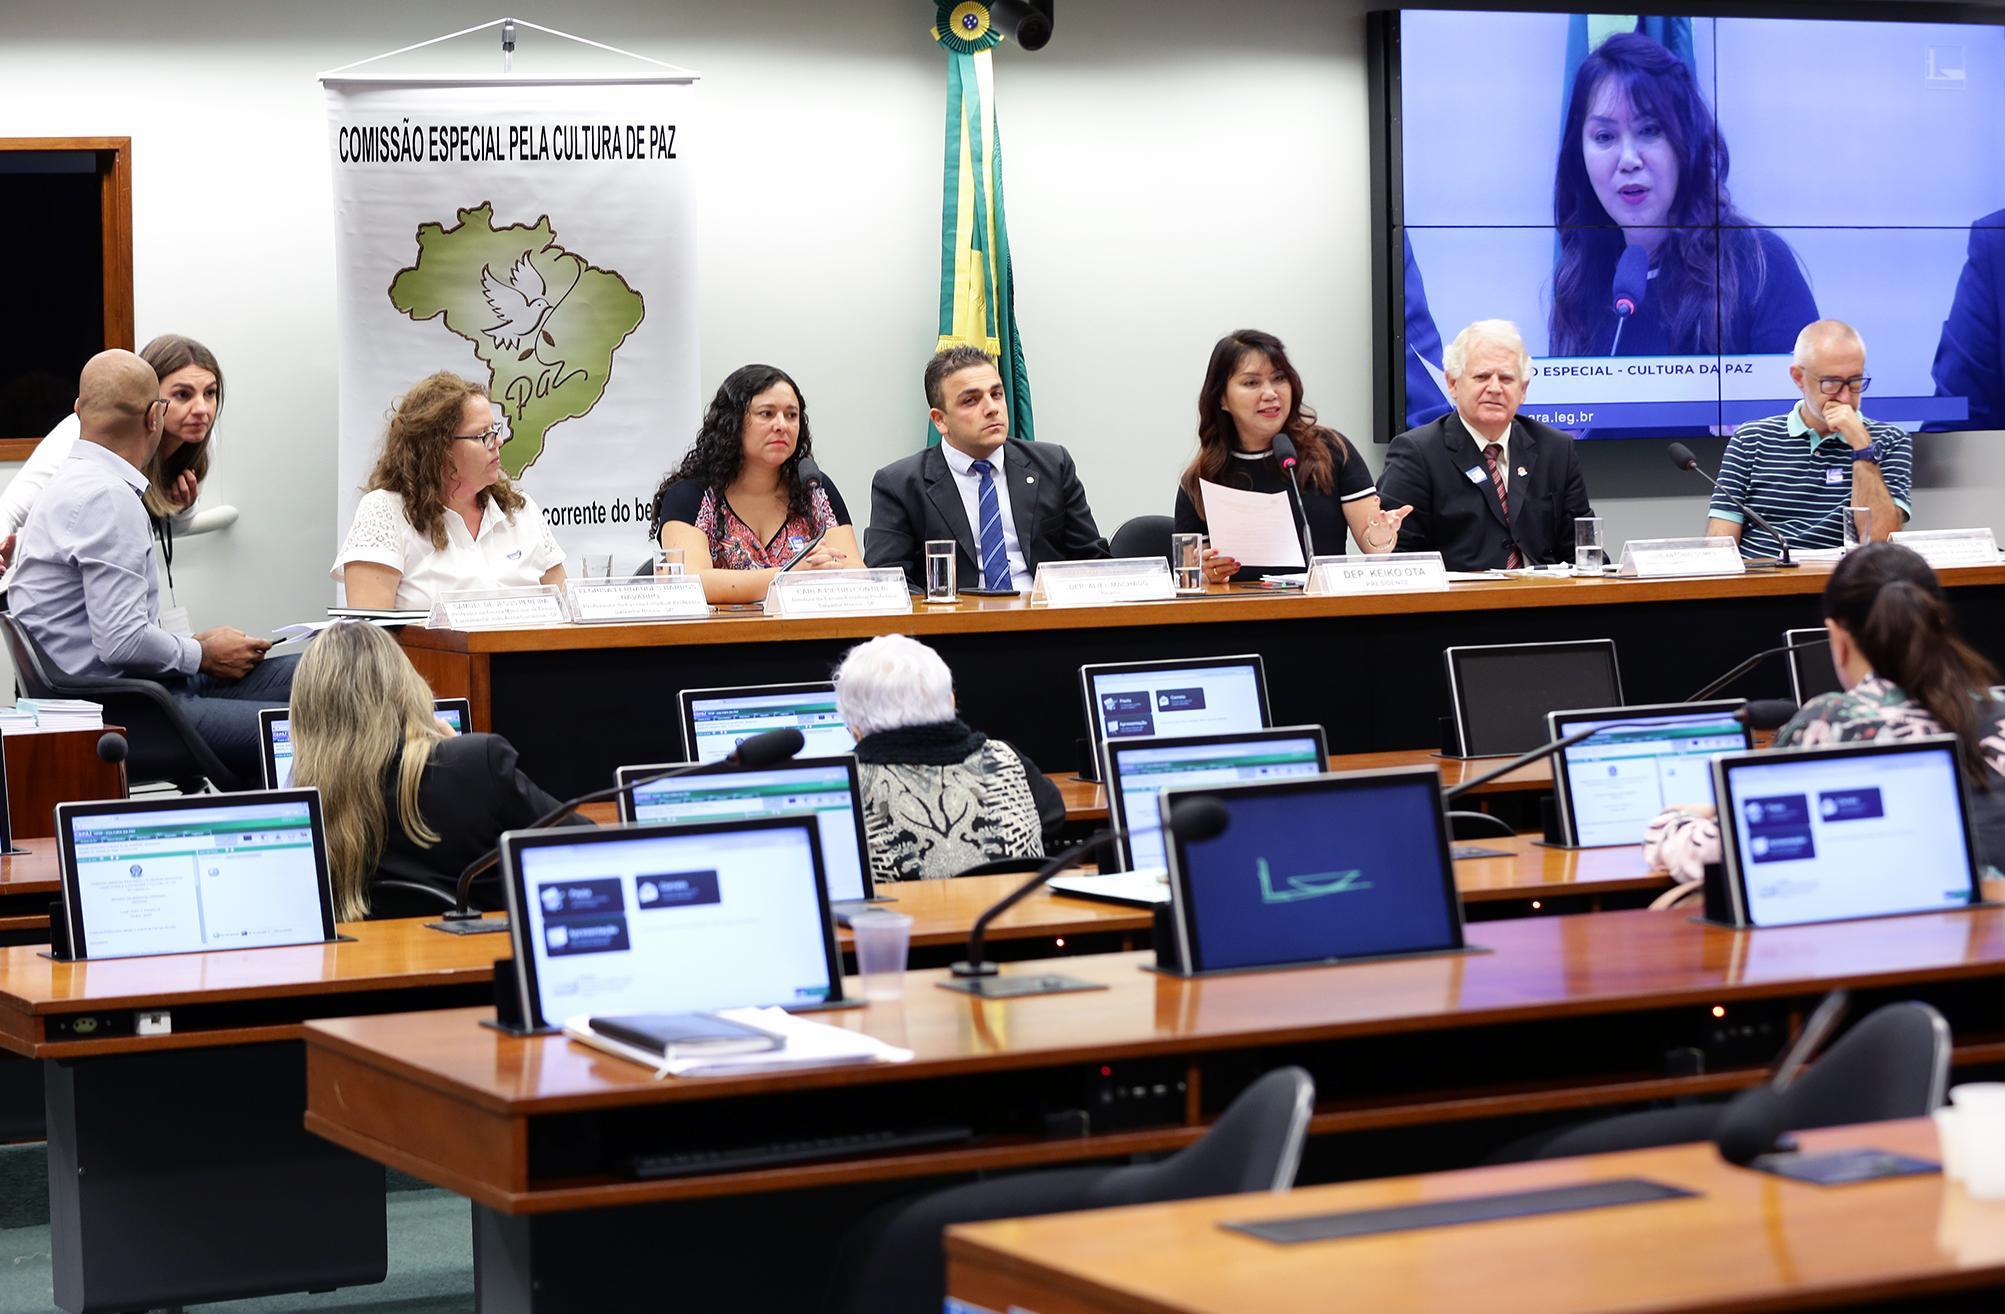 Audiência pública e reunião ordinária sobre a Cultura da Paz nas Escolas